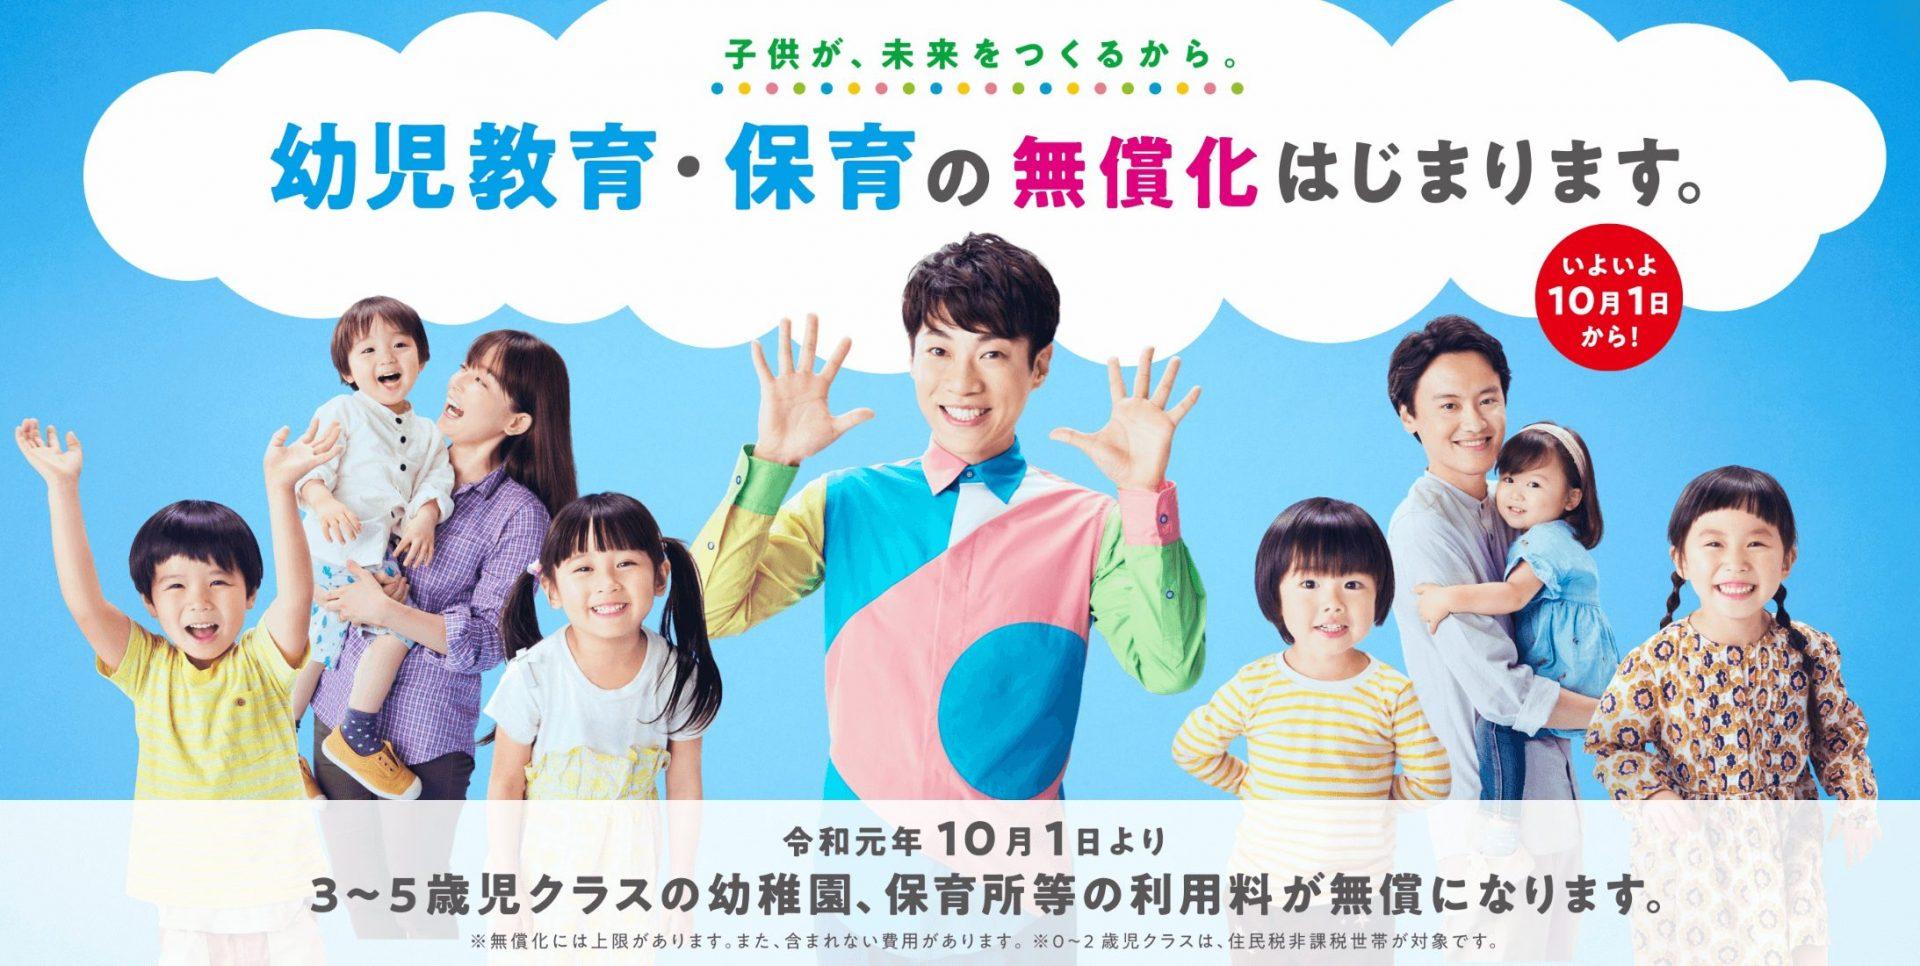 幼児教育無償化特設HP 内閣府 (1)